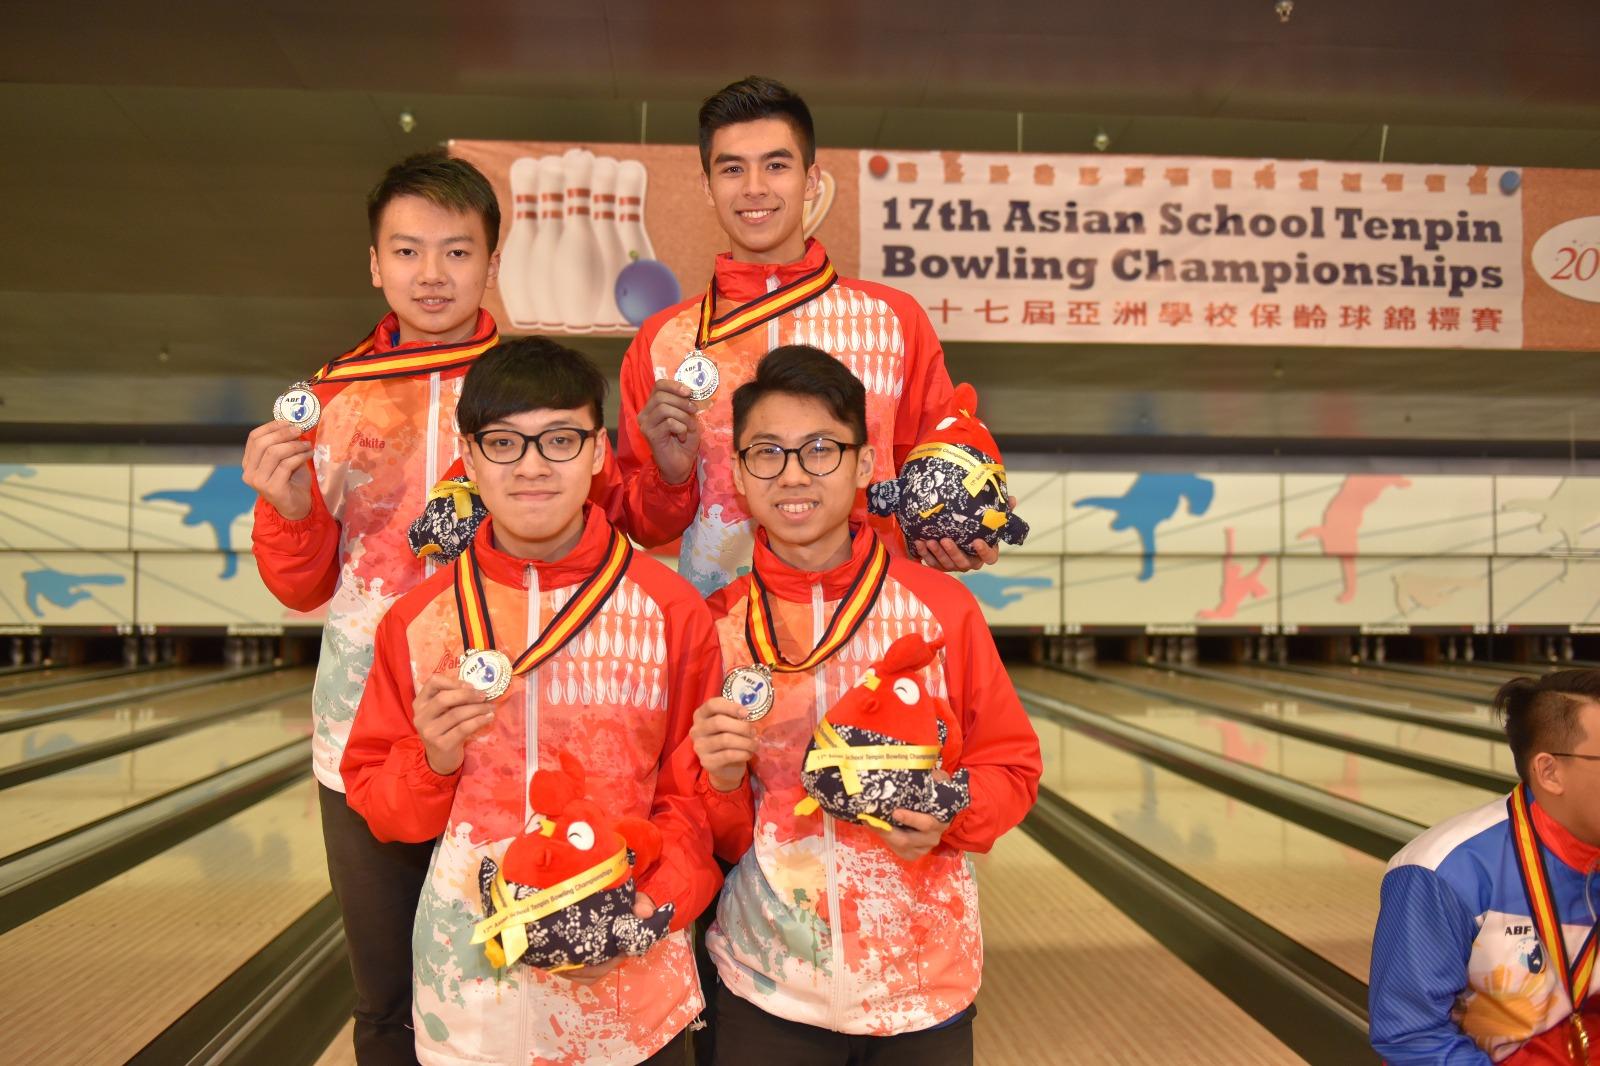 謝晉軒、貝荻、余浩彥、葉俊謙於四人隊際賽中獲得銀牌。(香港保齡球總會提供)